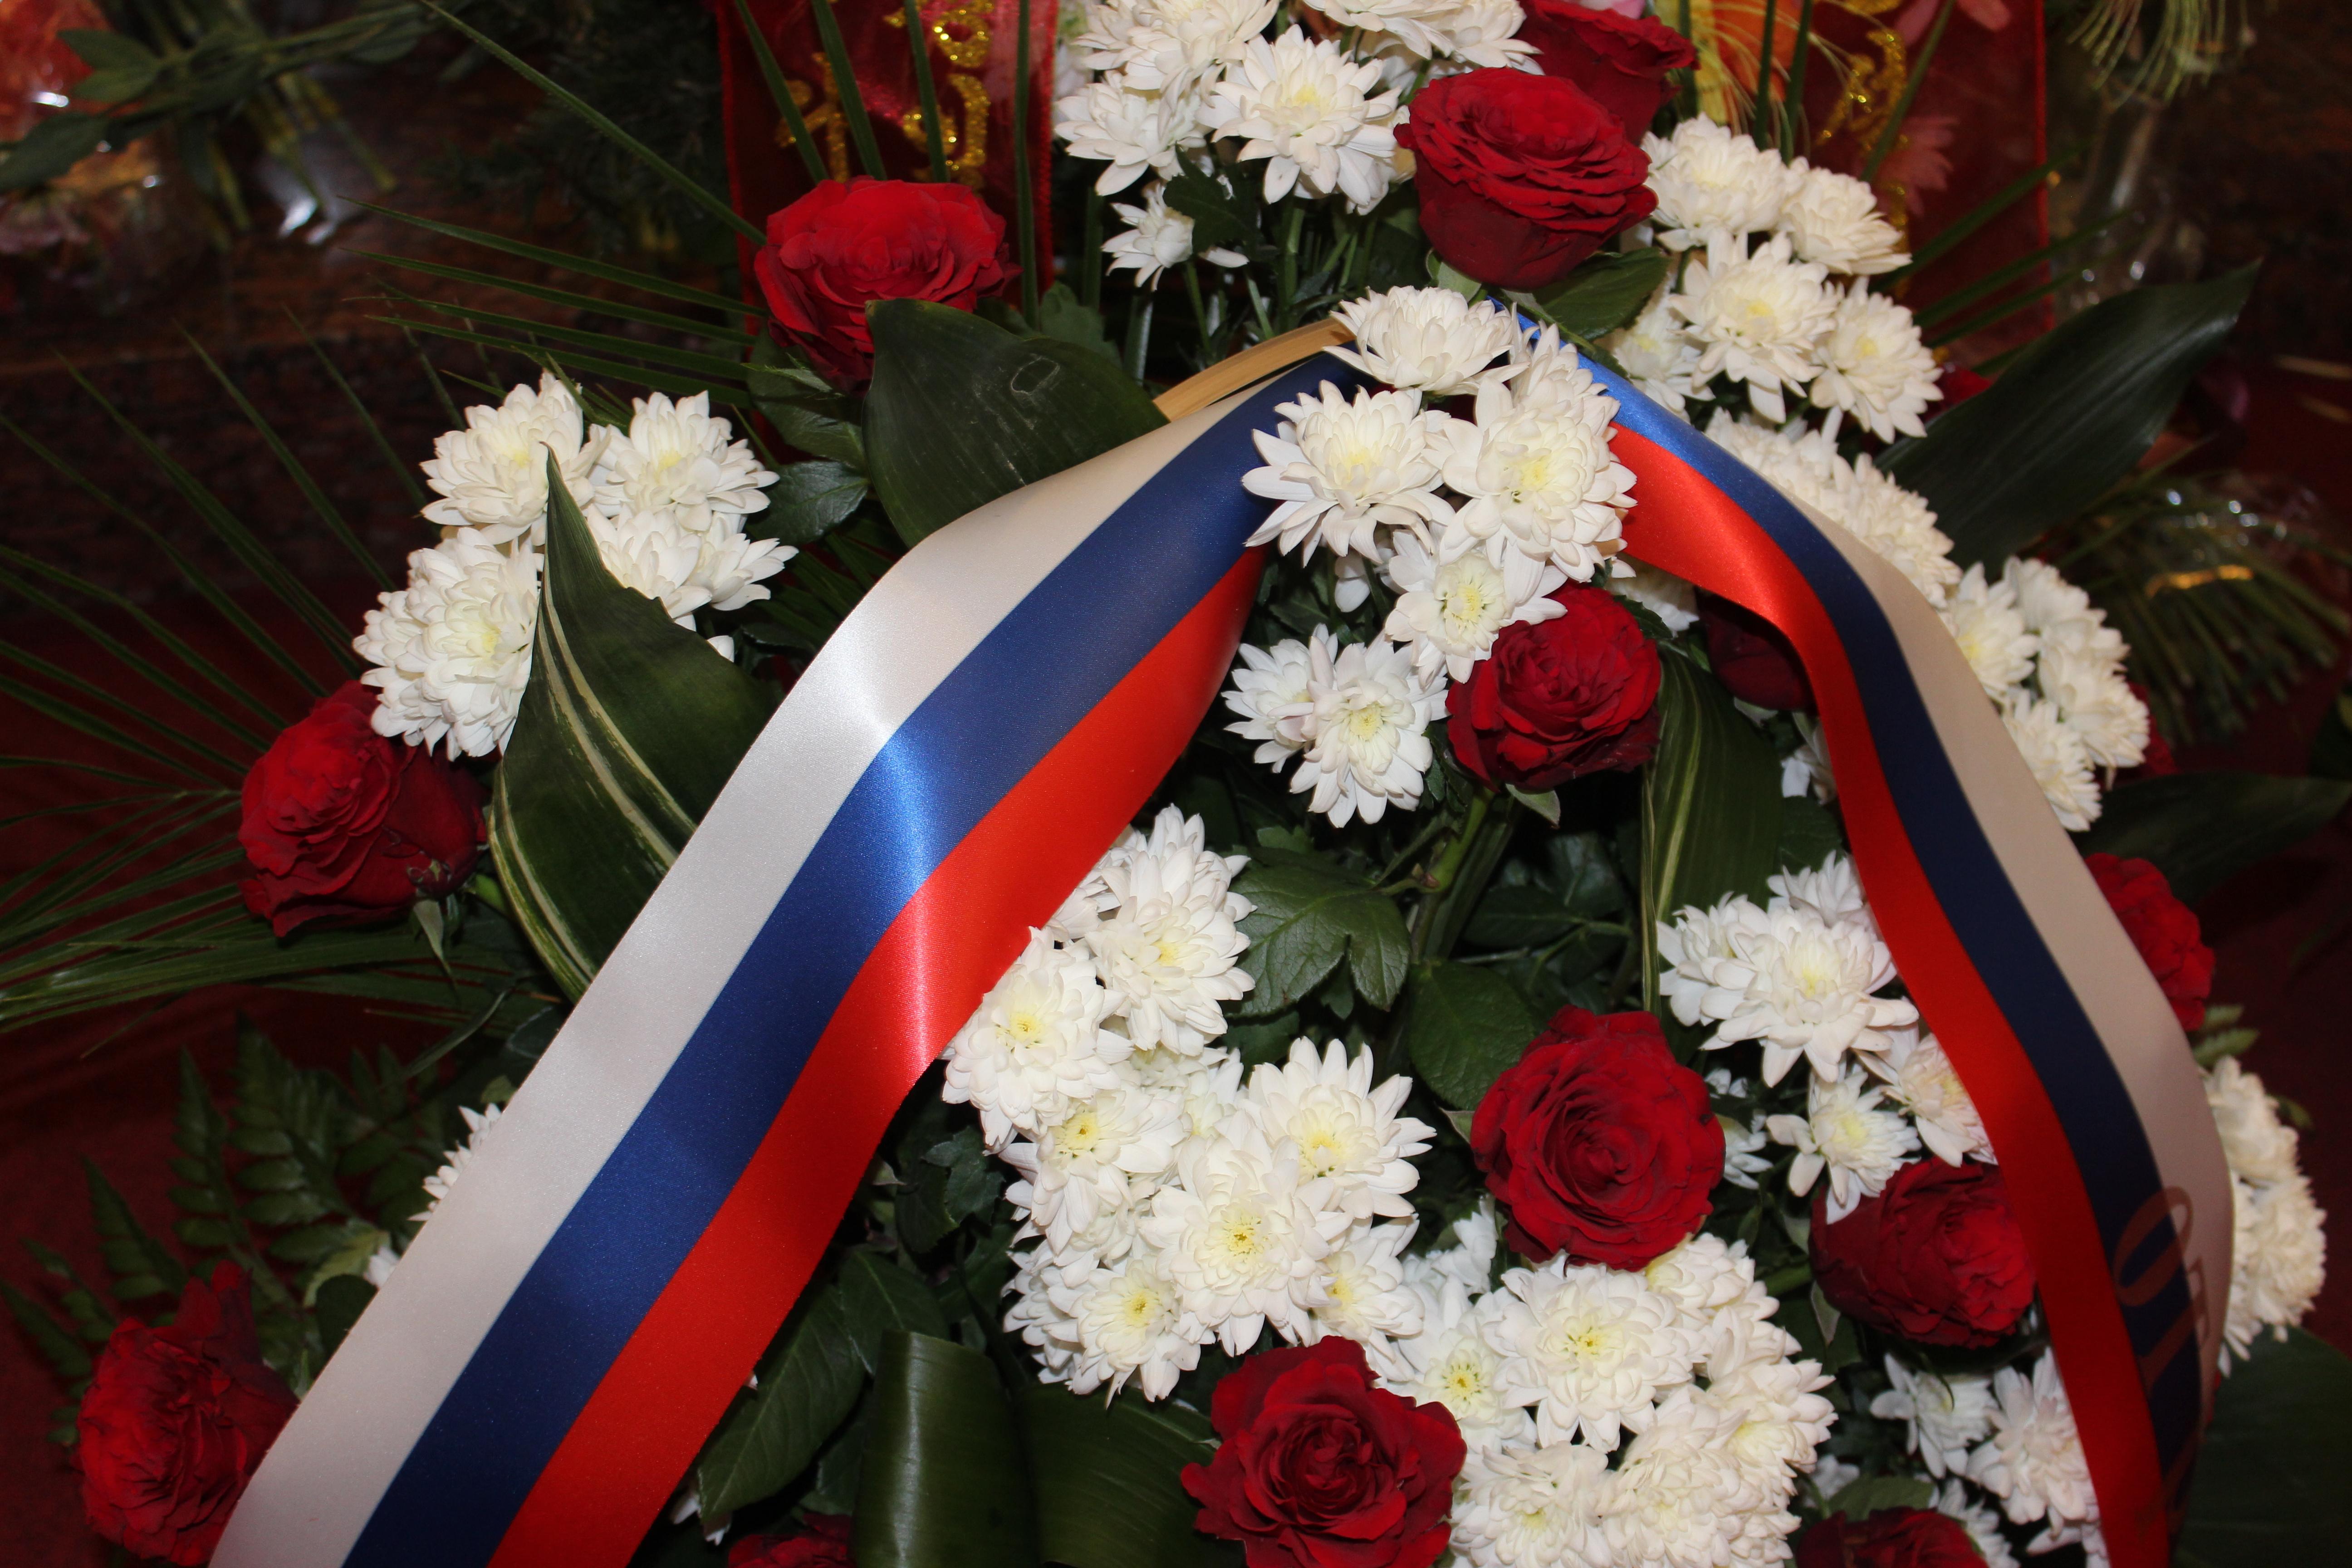 Встреча в посольстве Корейской Народно-Демократической Республики посвященная 75-летию Ким Чен Ира. Официально была приглашена делегация РОО «Бородино 2012-2045»